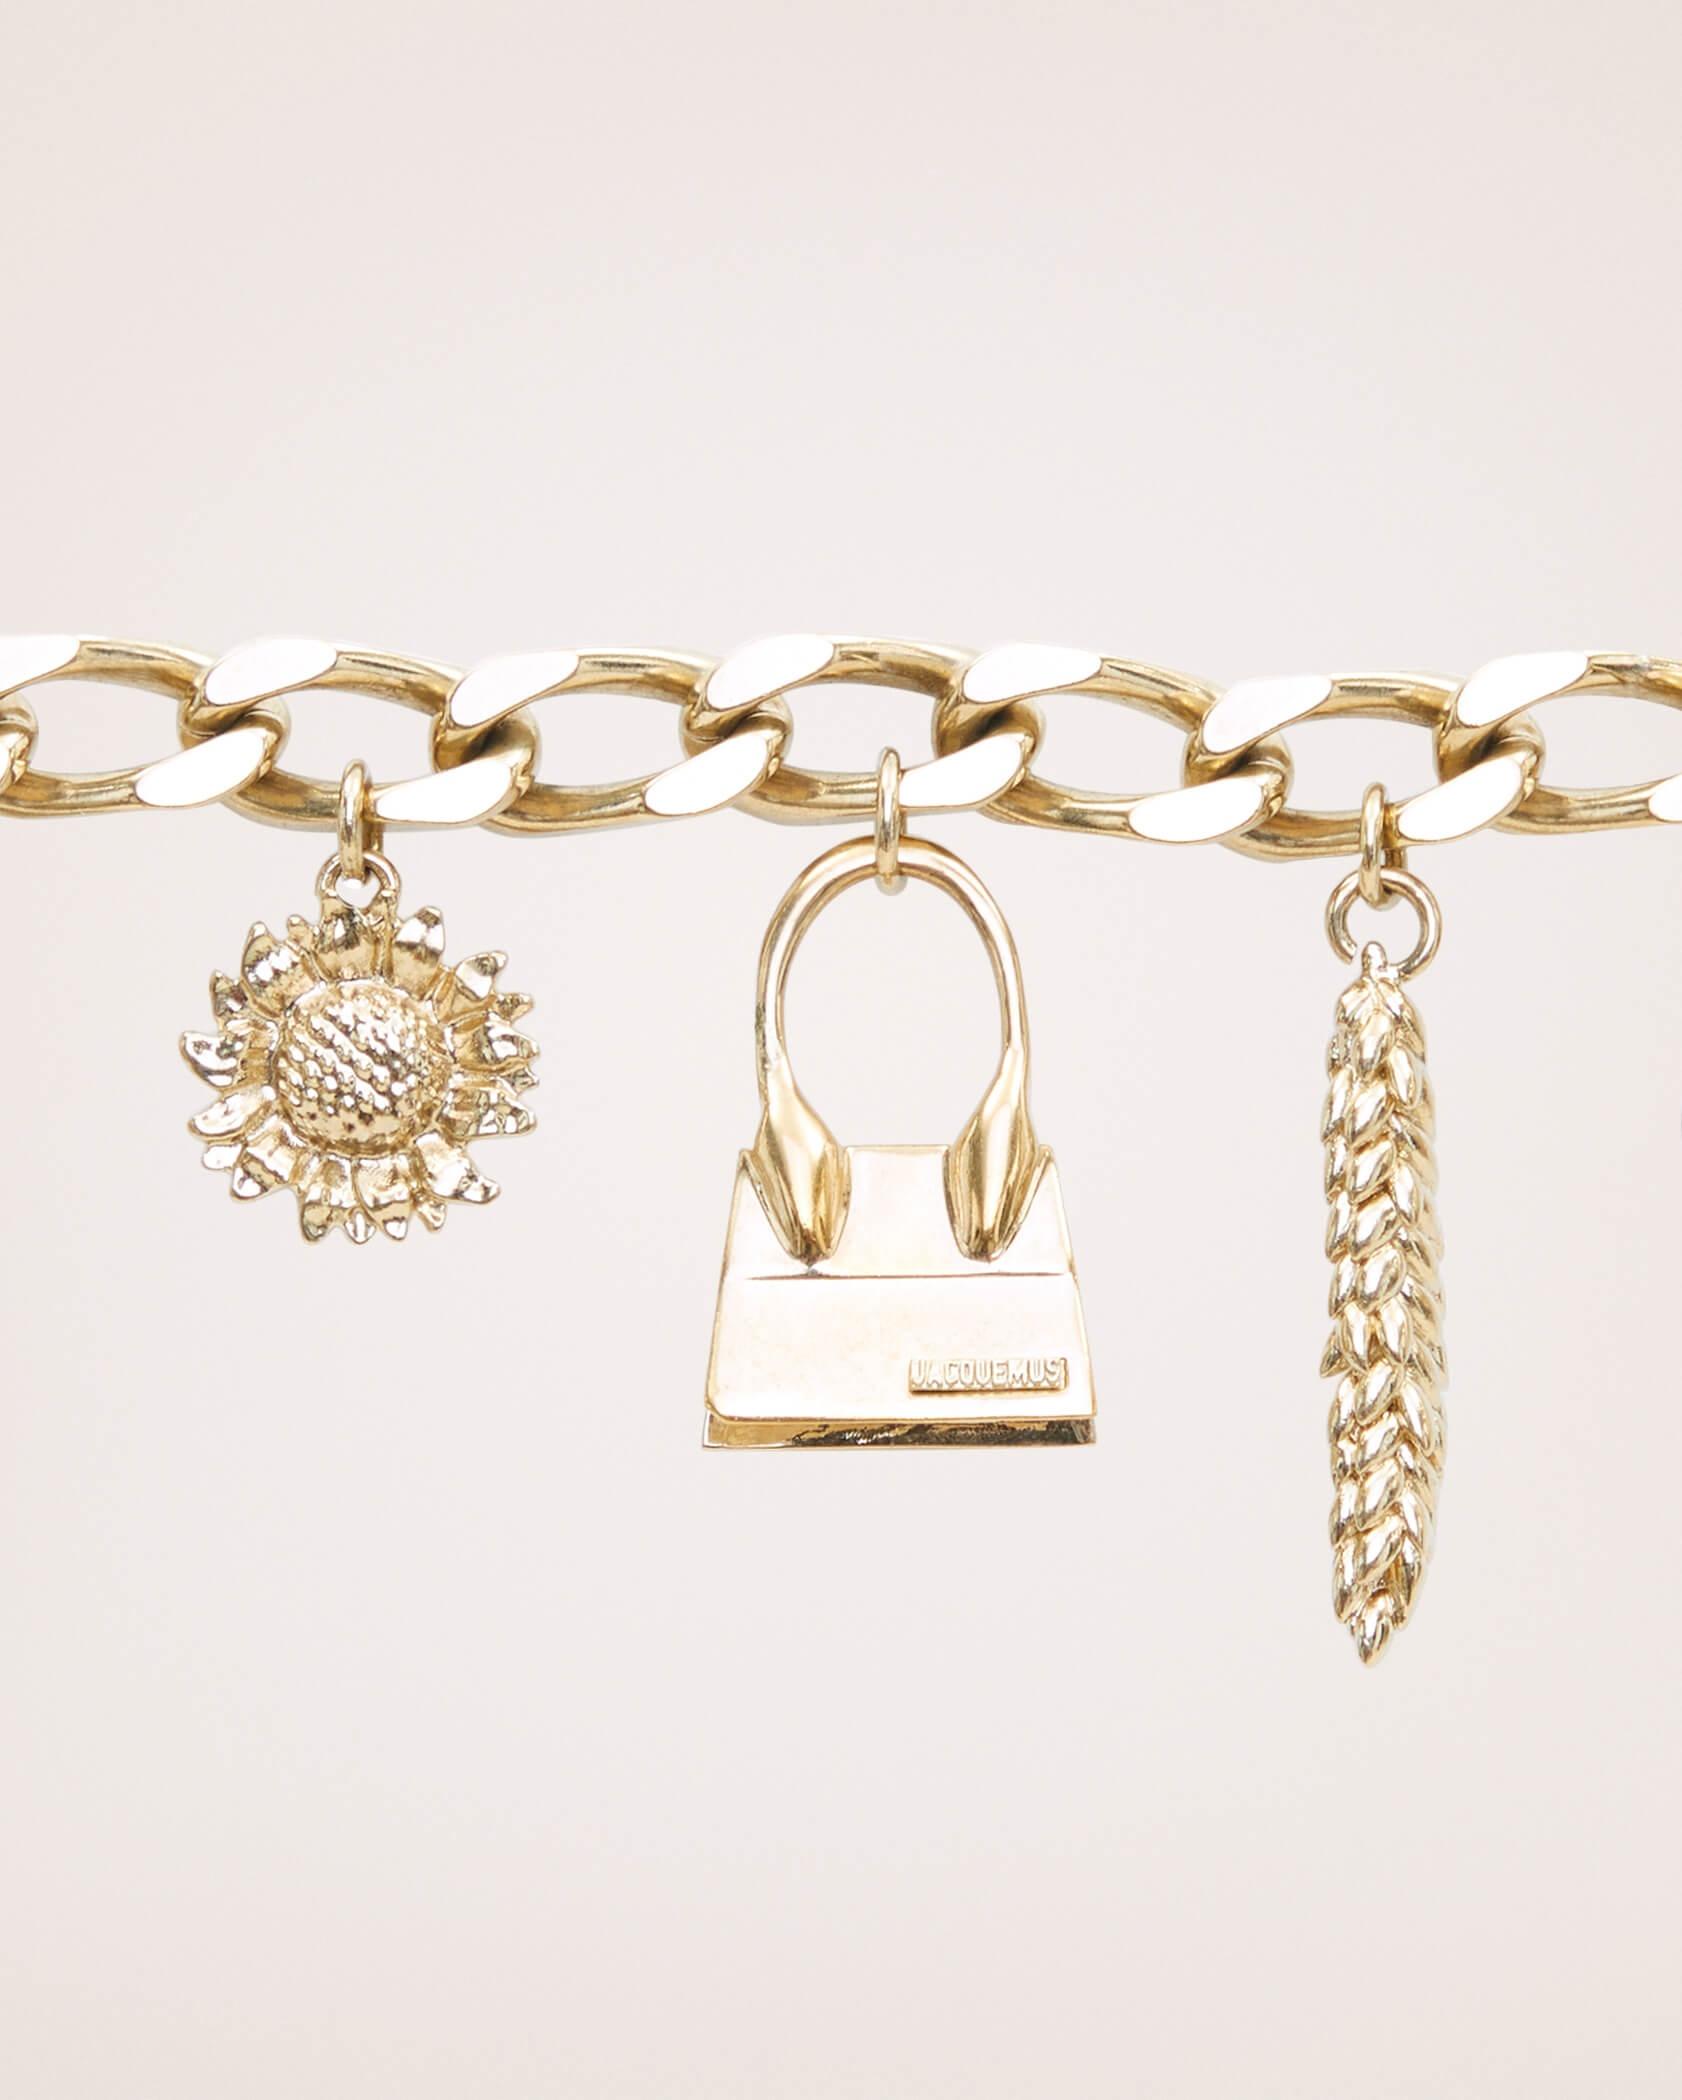 Le bracelet Jacquemus